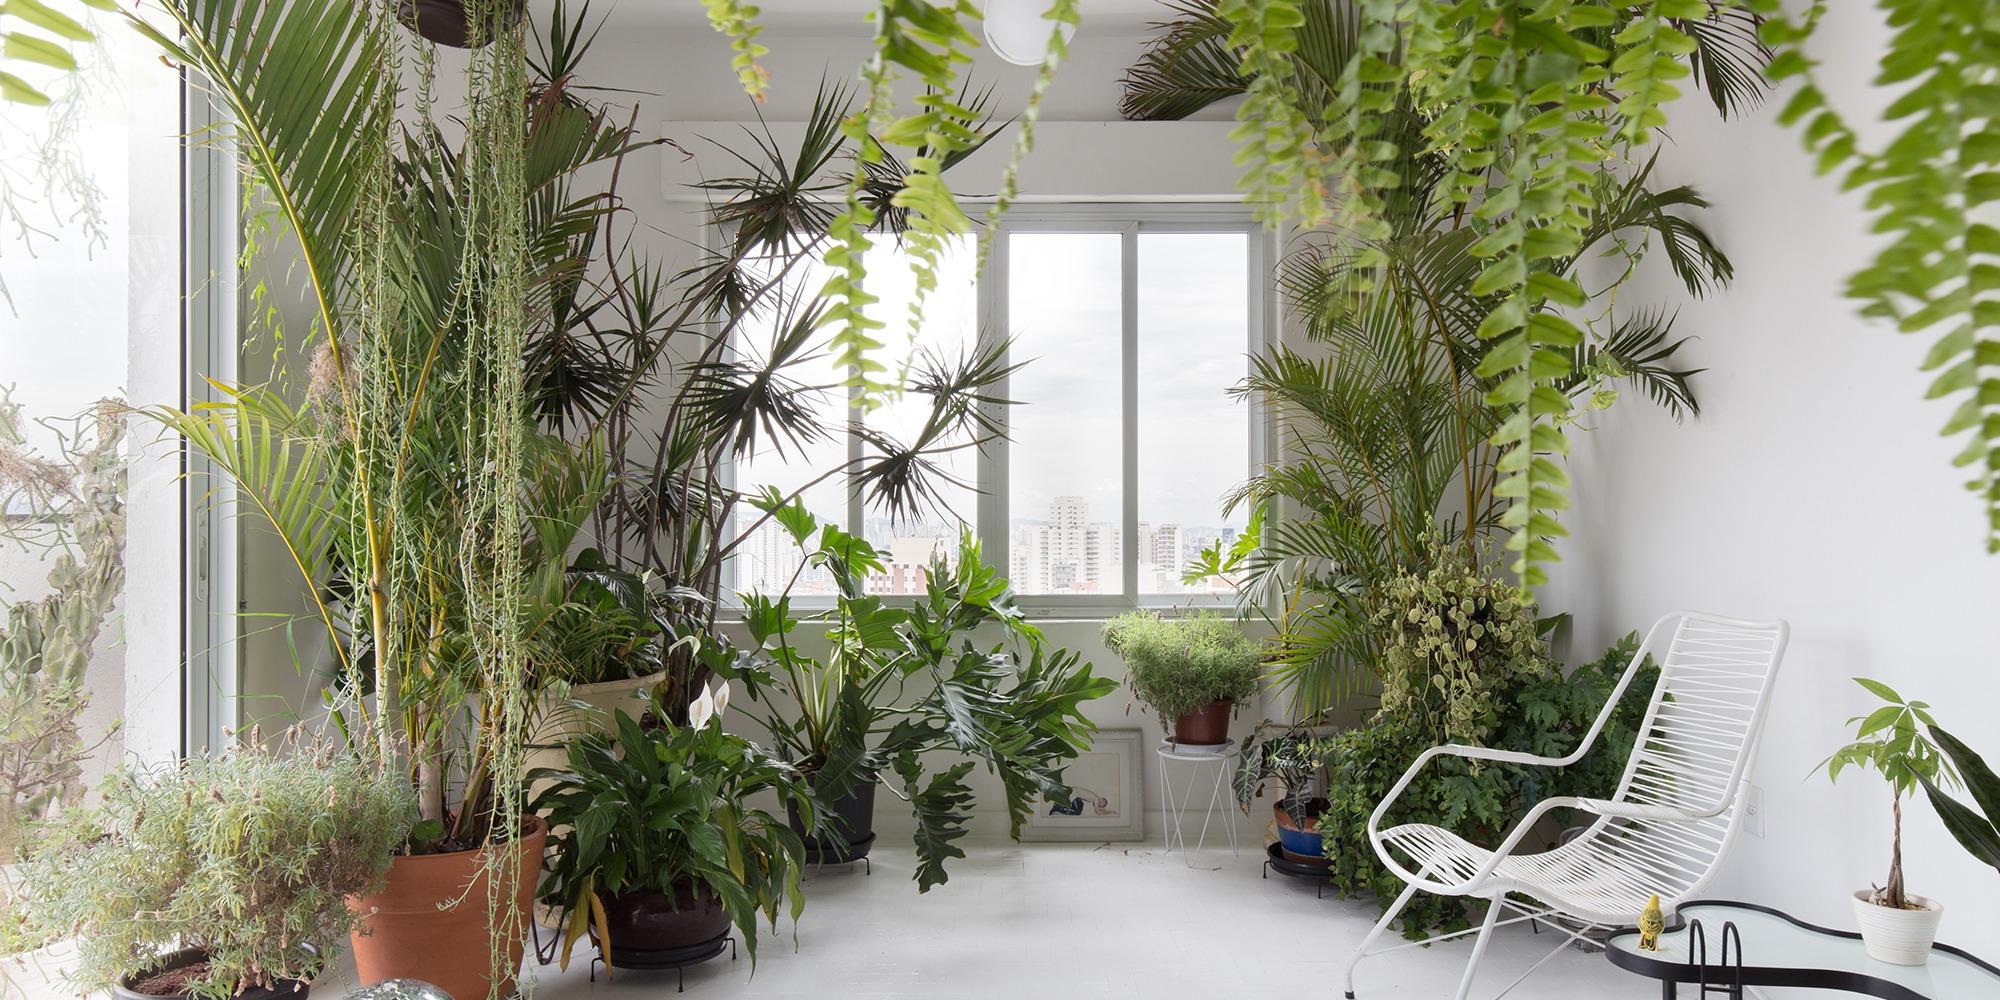 Apartamento com plantas e piso branco